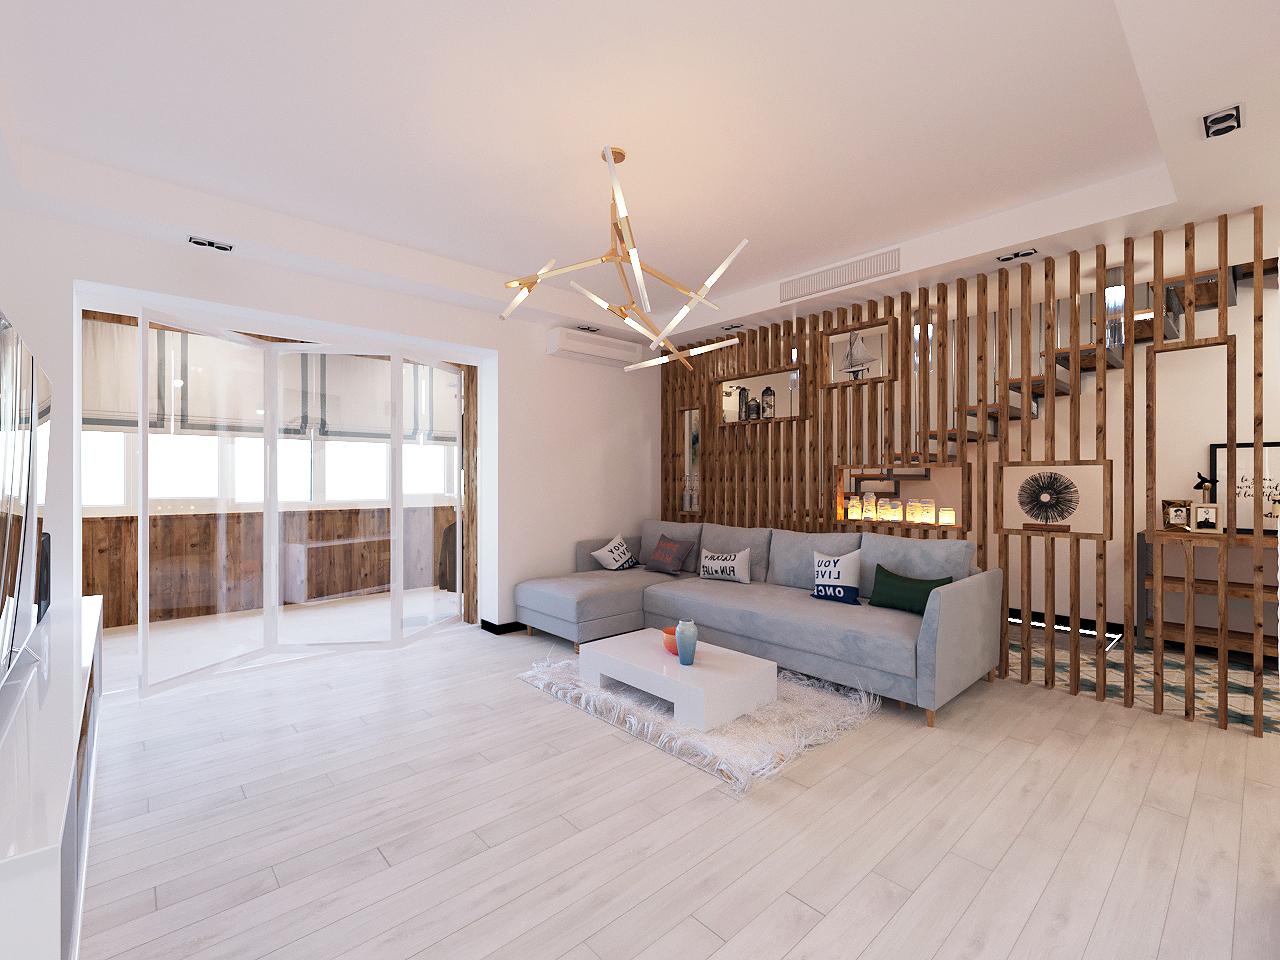 Дизайн проект интерьера первого уровня квартиры 69,9 м.кв. фото f_9395a853358eaa07.jpg